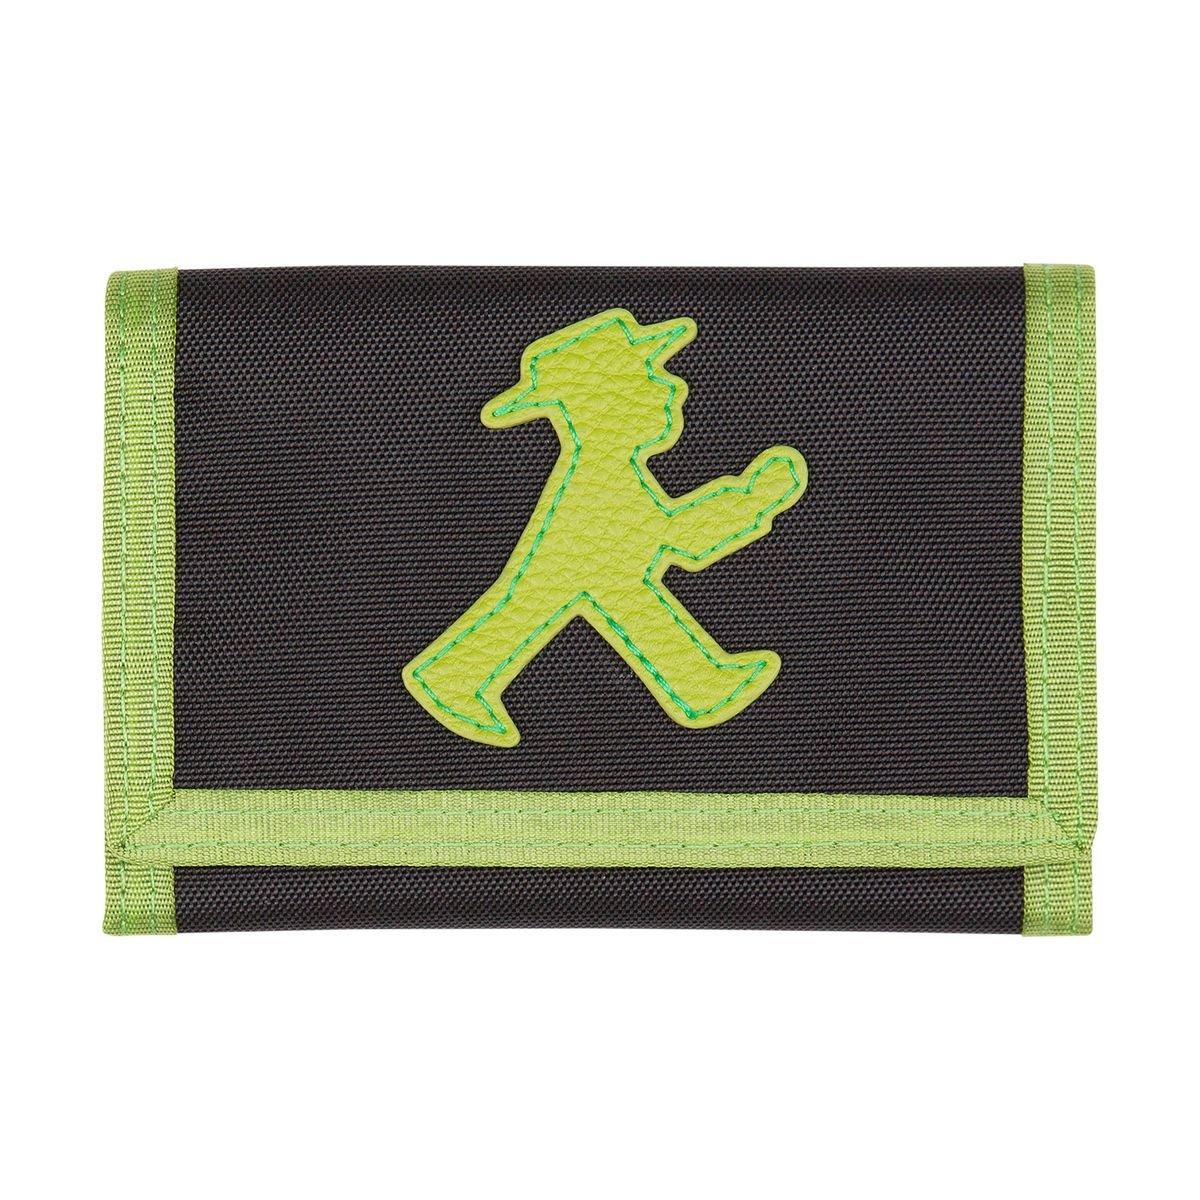 AMPELMANN Goldesel | Brustbeutel schwarz/grün | 25 x 12 x 10 cm 100% Polyester in Canvas-Stil mit PU-Leder und Geher 0108104808